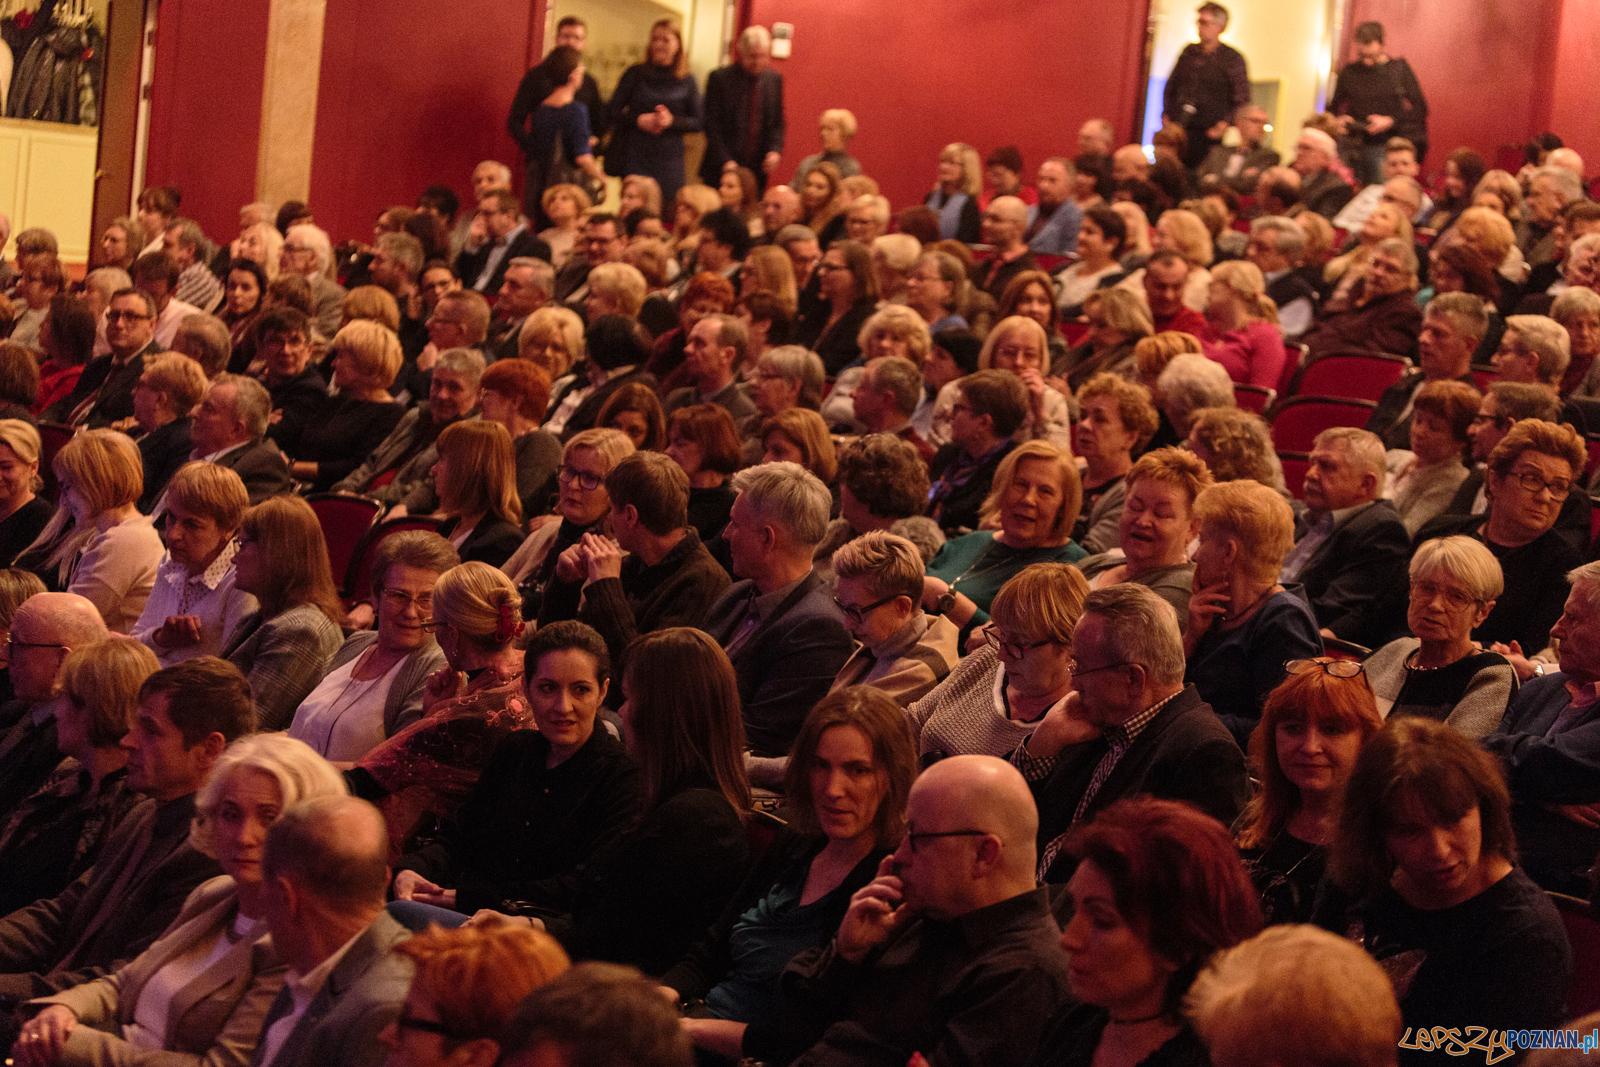 Hanna Banaszak w Teatrze Wielkim - Poznań 06.03.2018 r.  Foto: LepszyPOZNAN.pl / Paweł Rychter